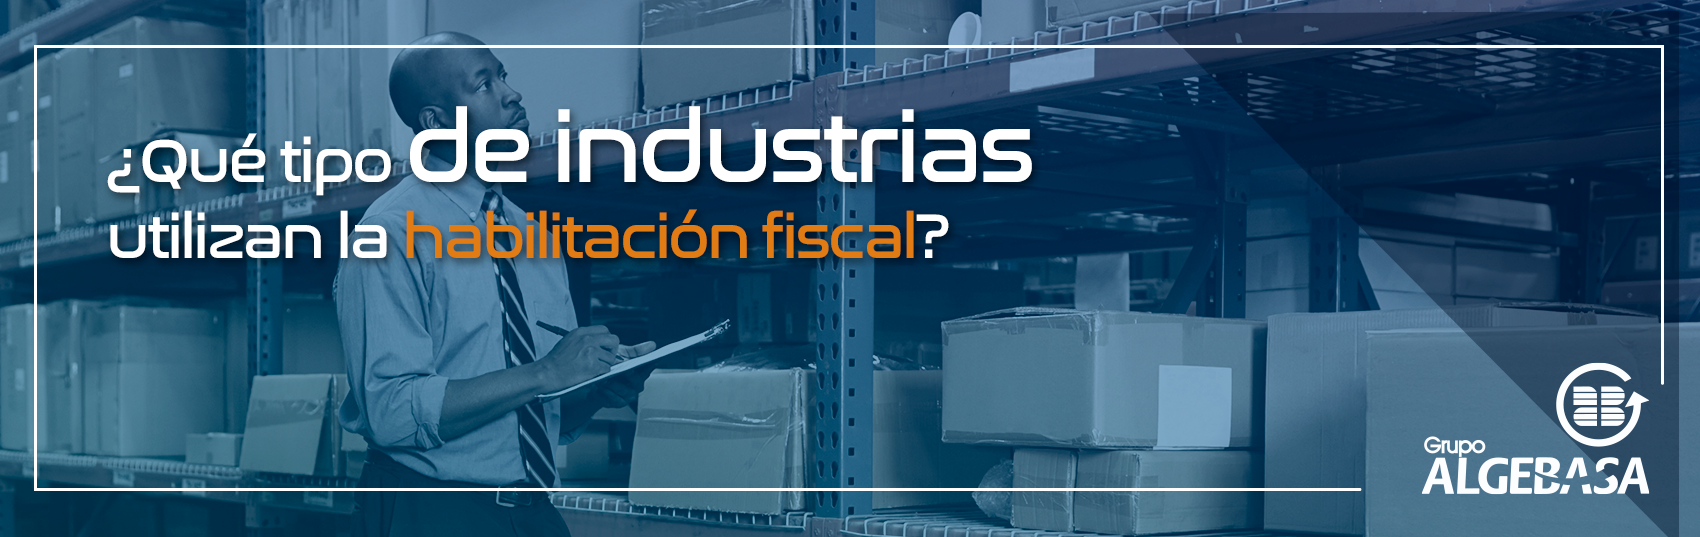 Que tipo de industrias utilizan la habilitacion fiscal_cta